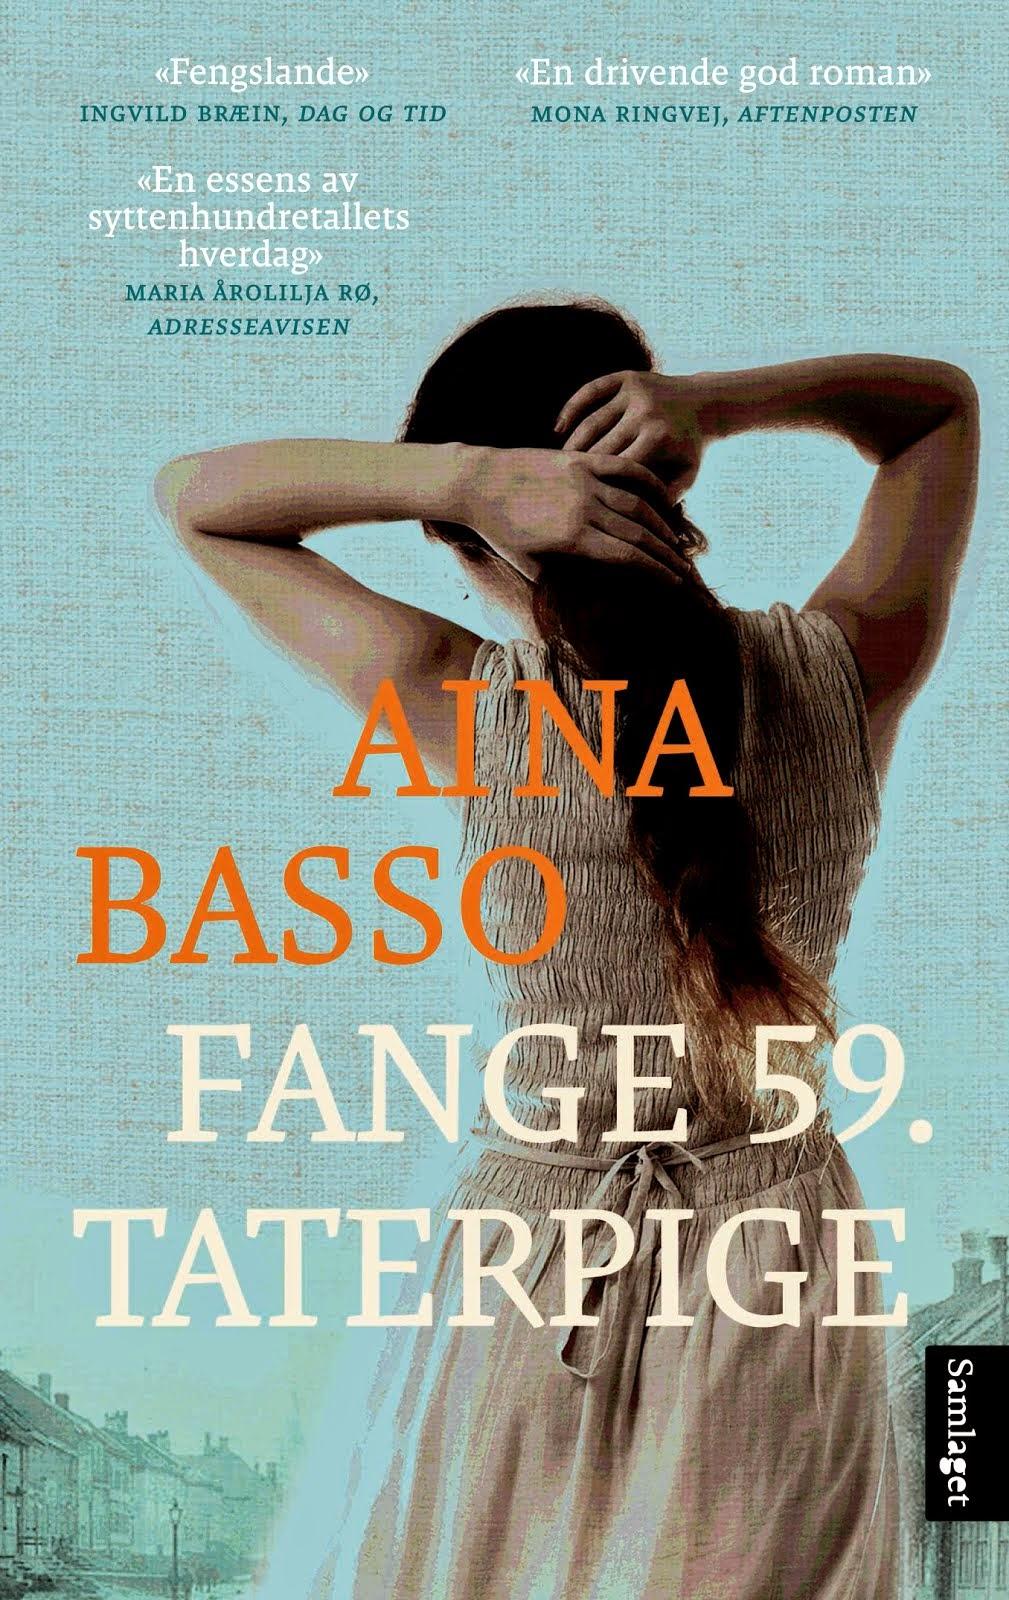 Fange 59. Taterpige (2010)